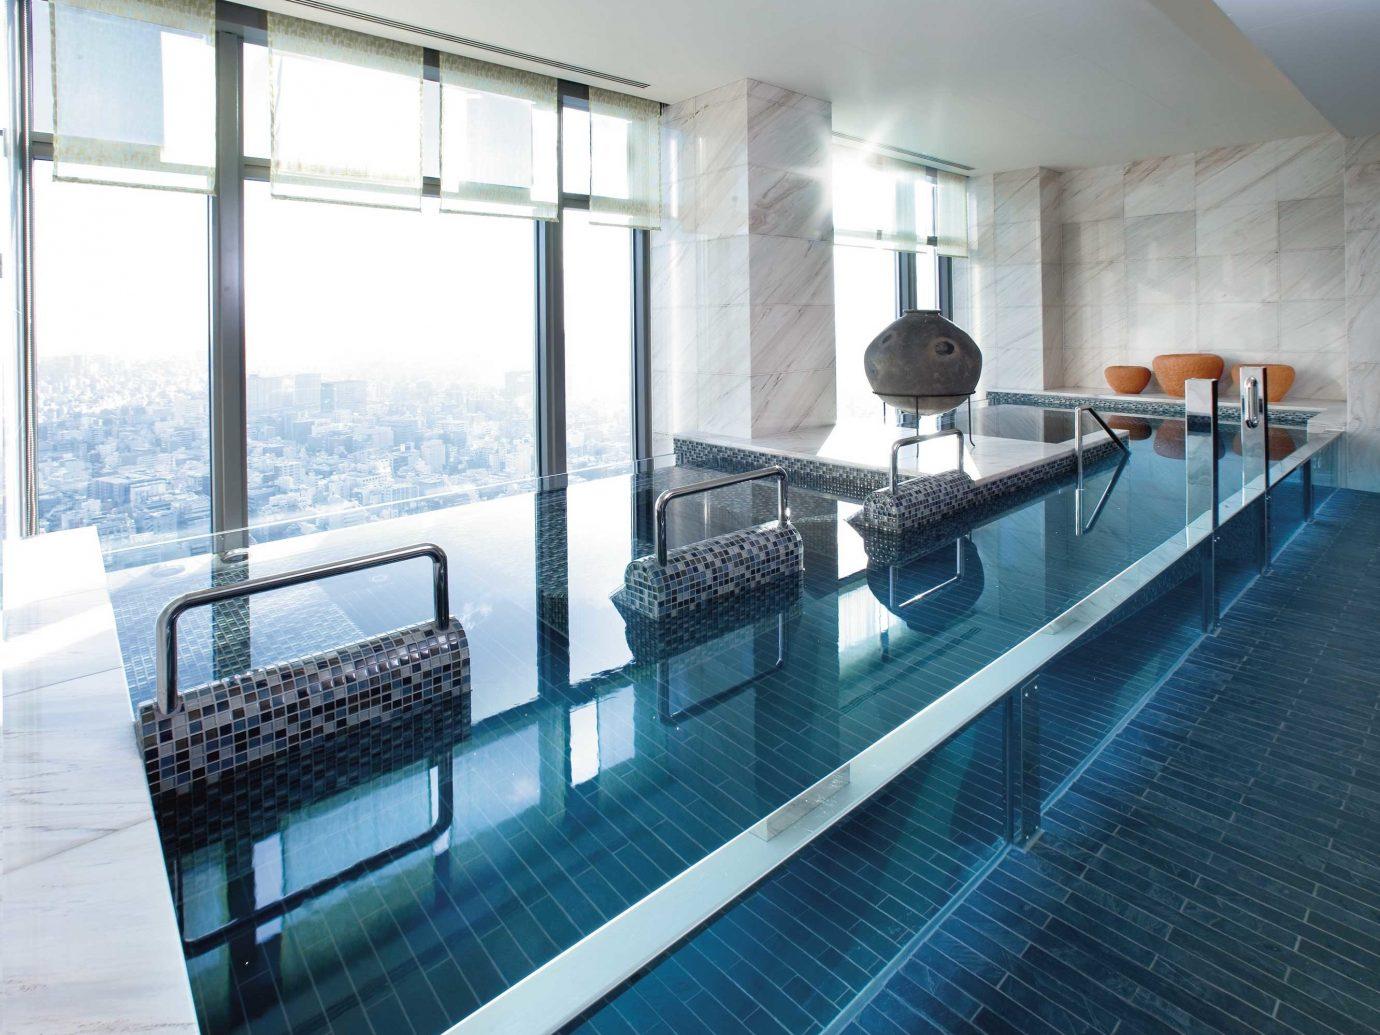 City Elegant Luxury Modern Pool Scenic views indoor floor swimming pool property room condominium ceiling interior design apartment